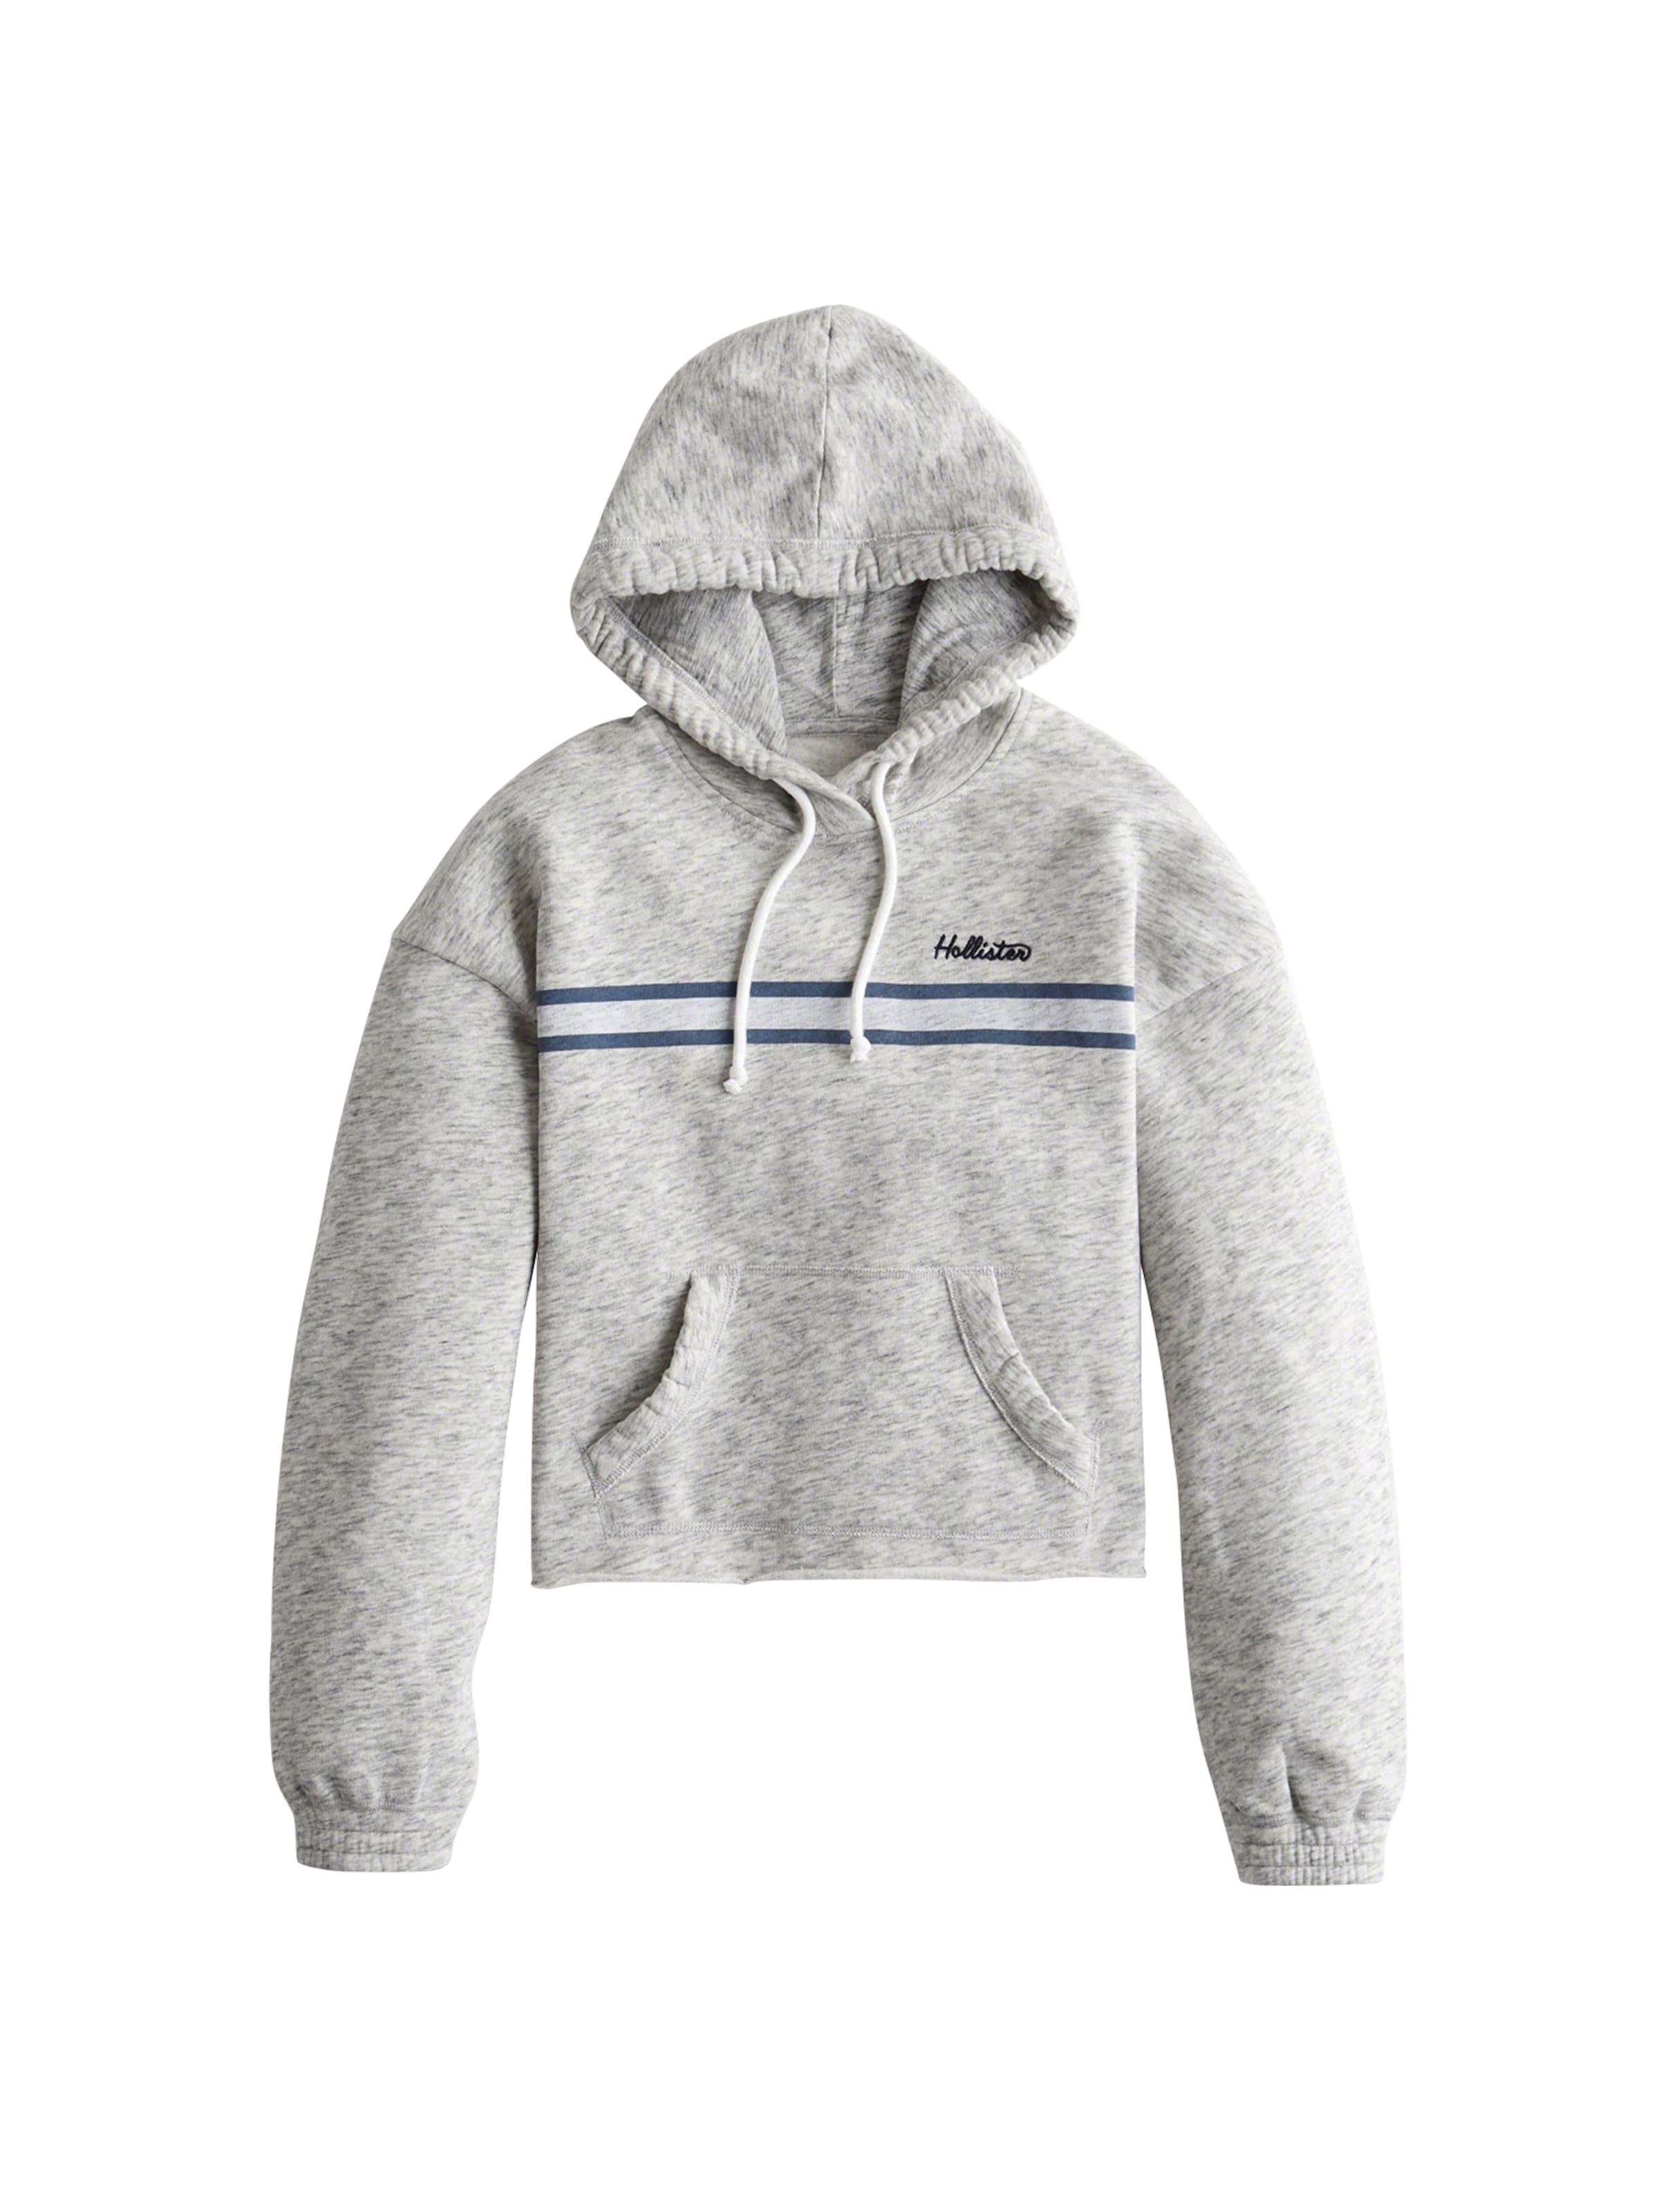 In Logo cali Blues Hollister 'sb19 Tech Grijs Core GemêleerdWit Po' Sweatshirt FKJc1lT